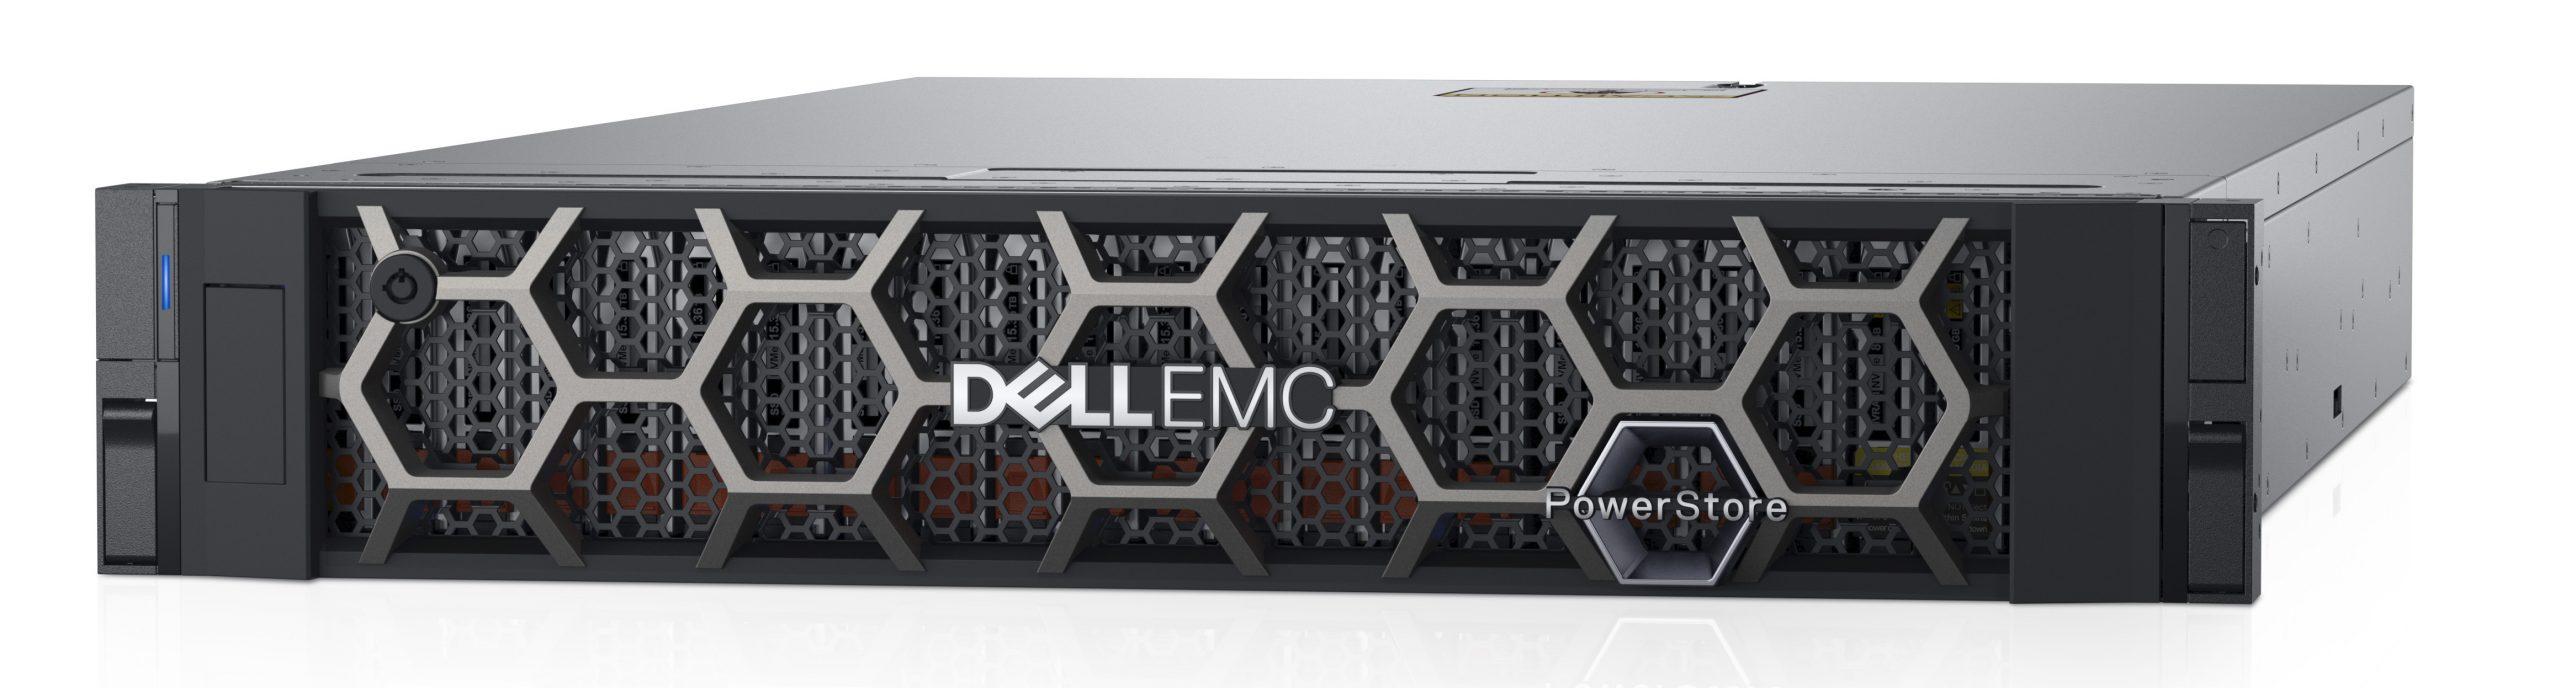 Dell Technologies aumenta la potenza di Dell EMC PowerStore